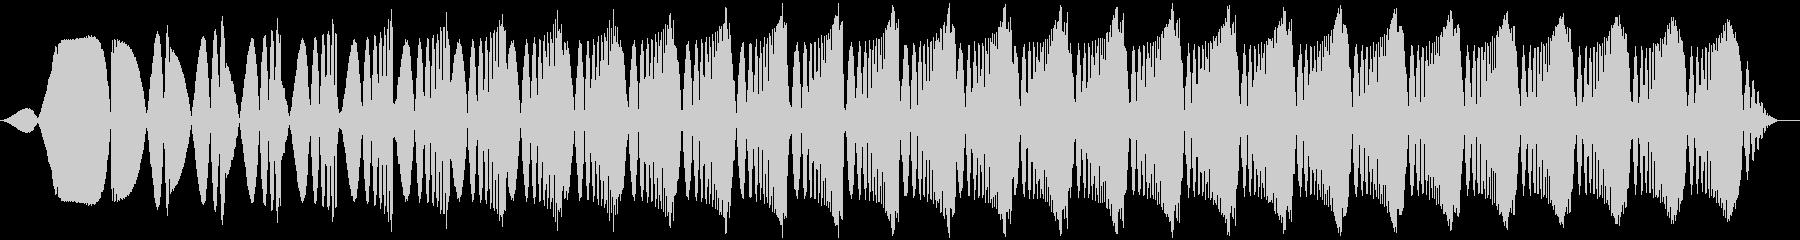 ピロピロピロ(超音波/高音/レーザーの未再生の波形